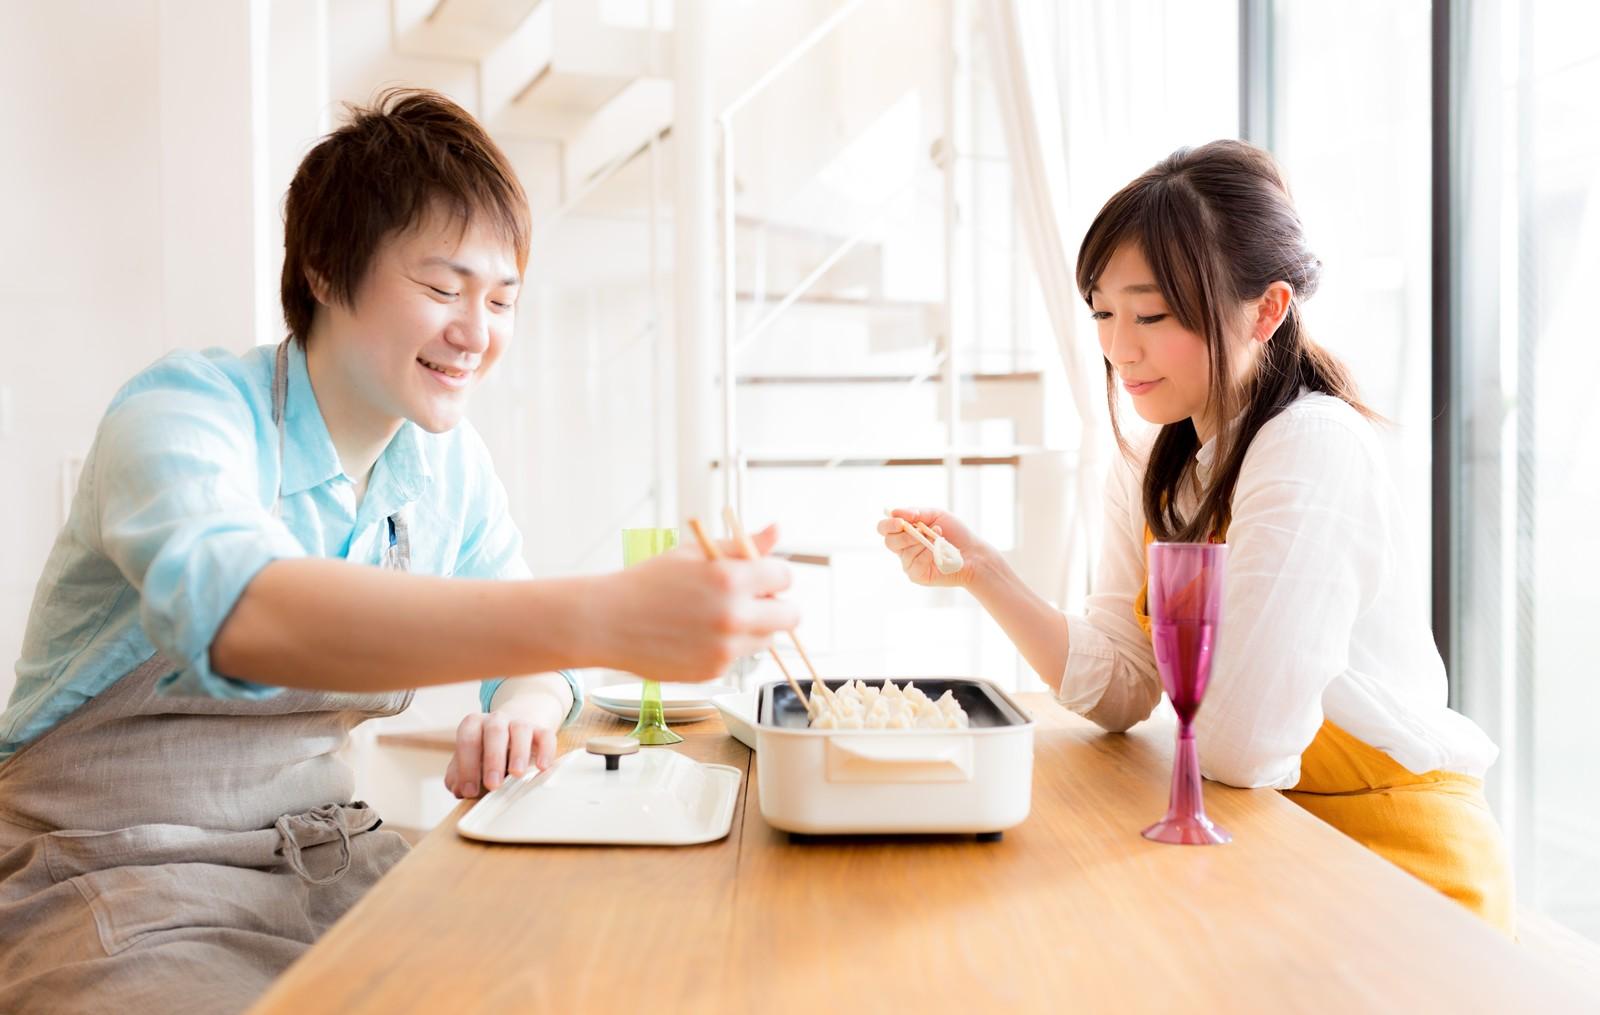 【海外の反応】俺にはムリ…恋愛しない日本の若者に対する海外の反応